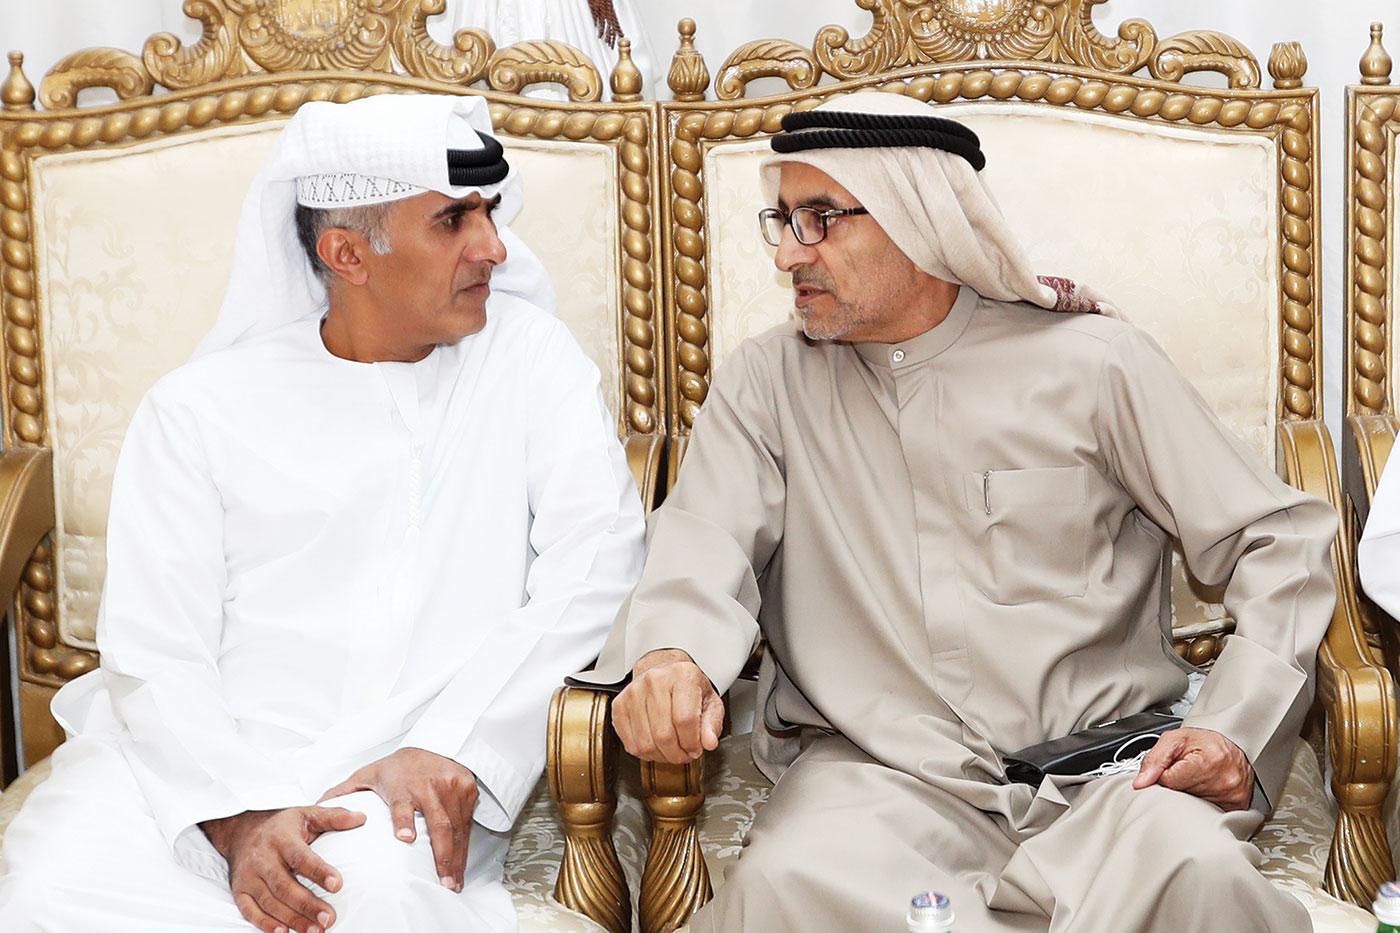 سالم بن سلطان القاسمي مواسياً أحمد محمد بن ثاني